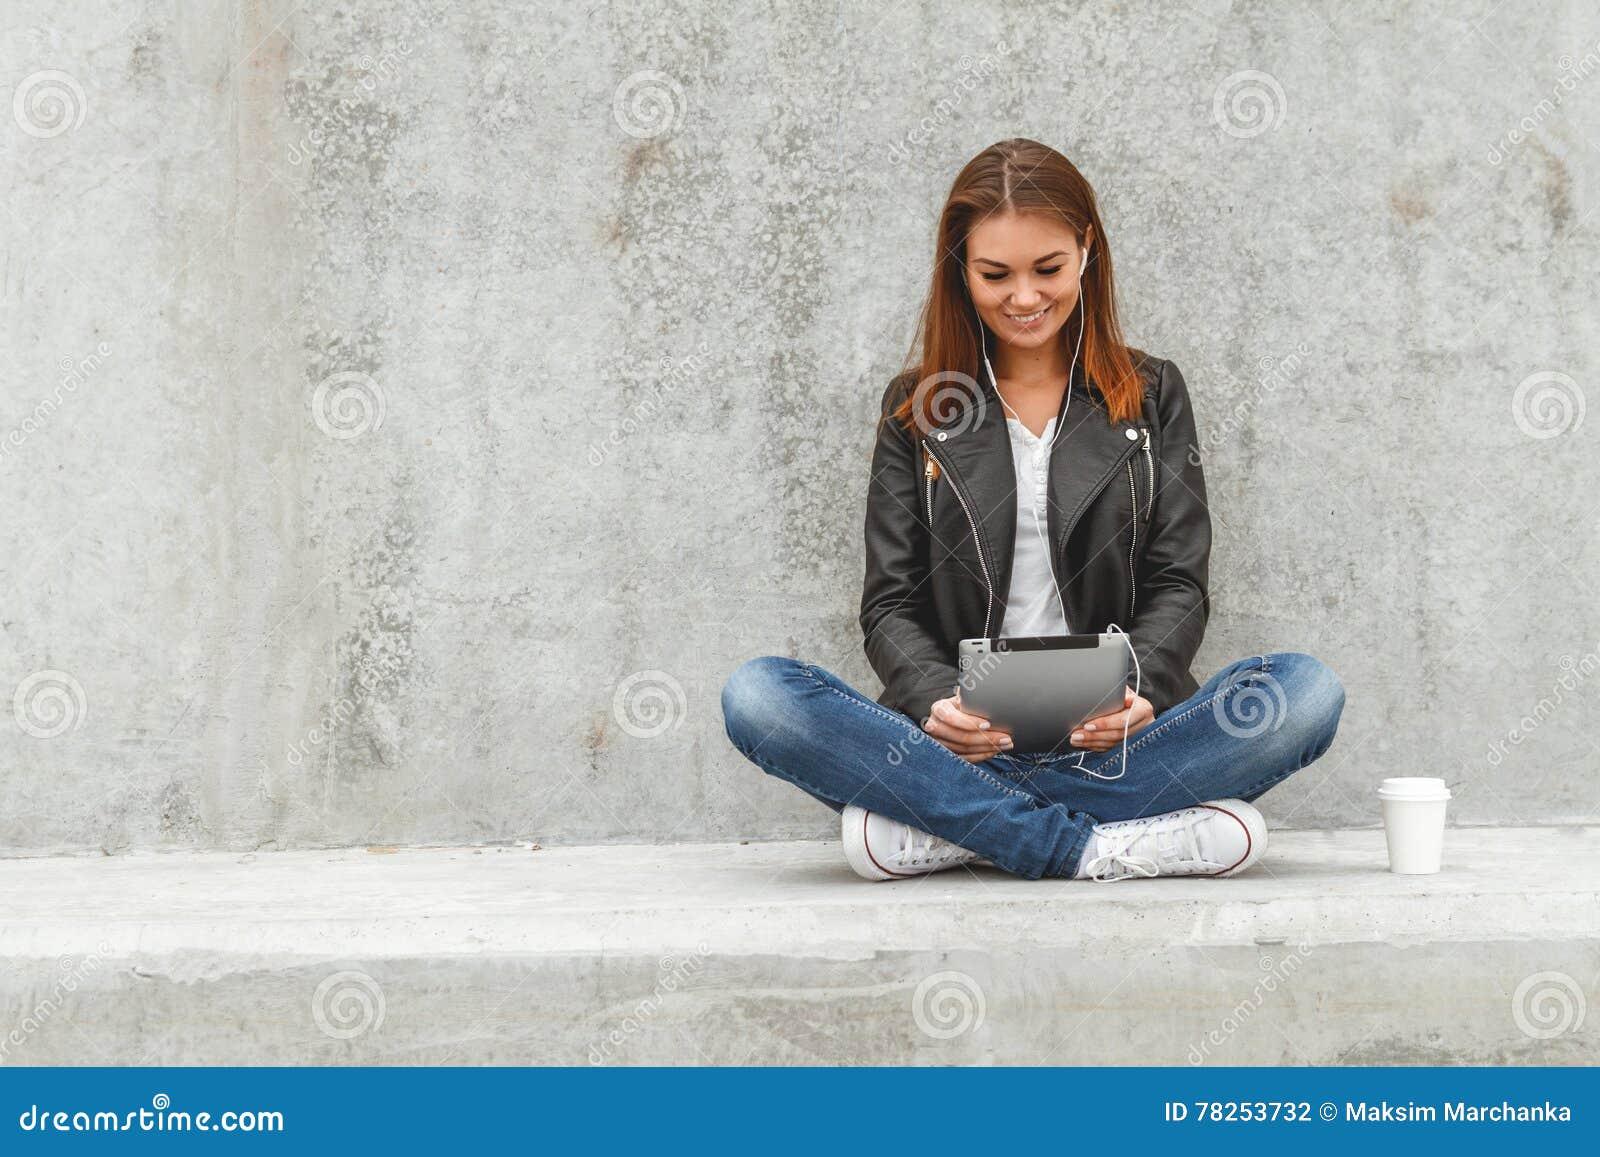 Κορίτσι με μια ταμπλέτα στα χέρια